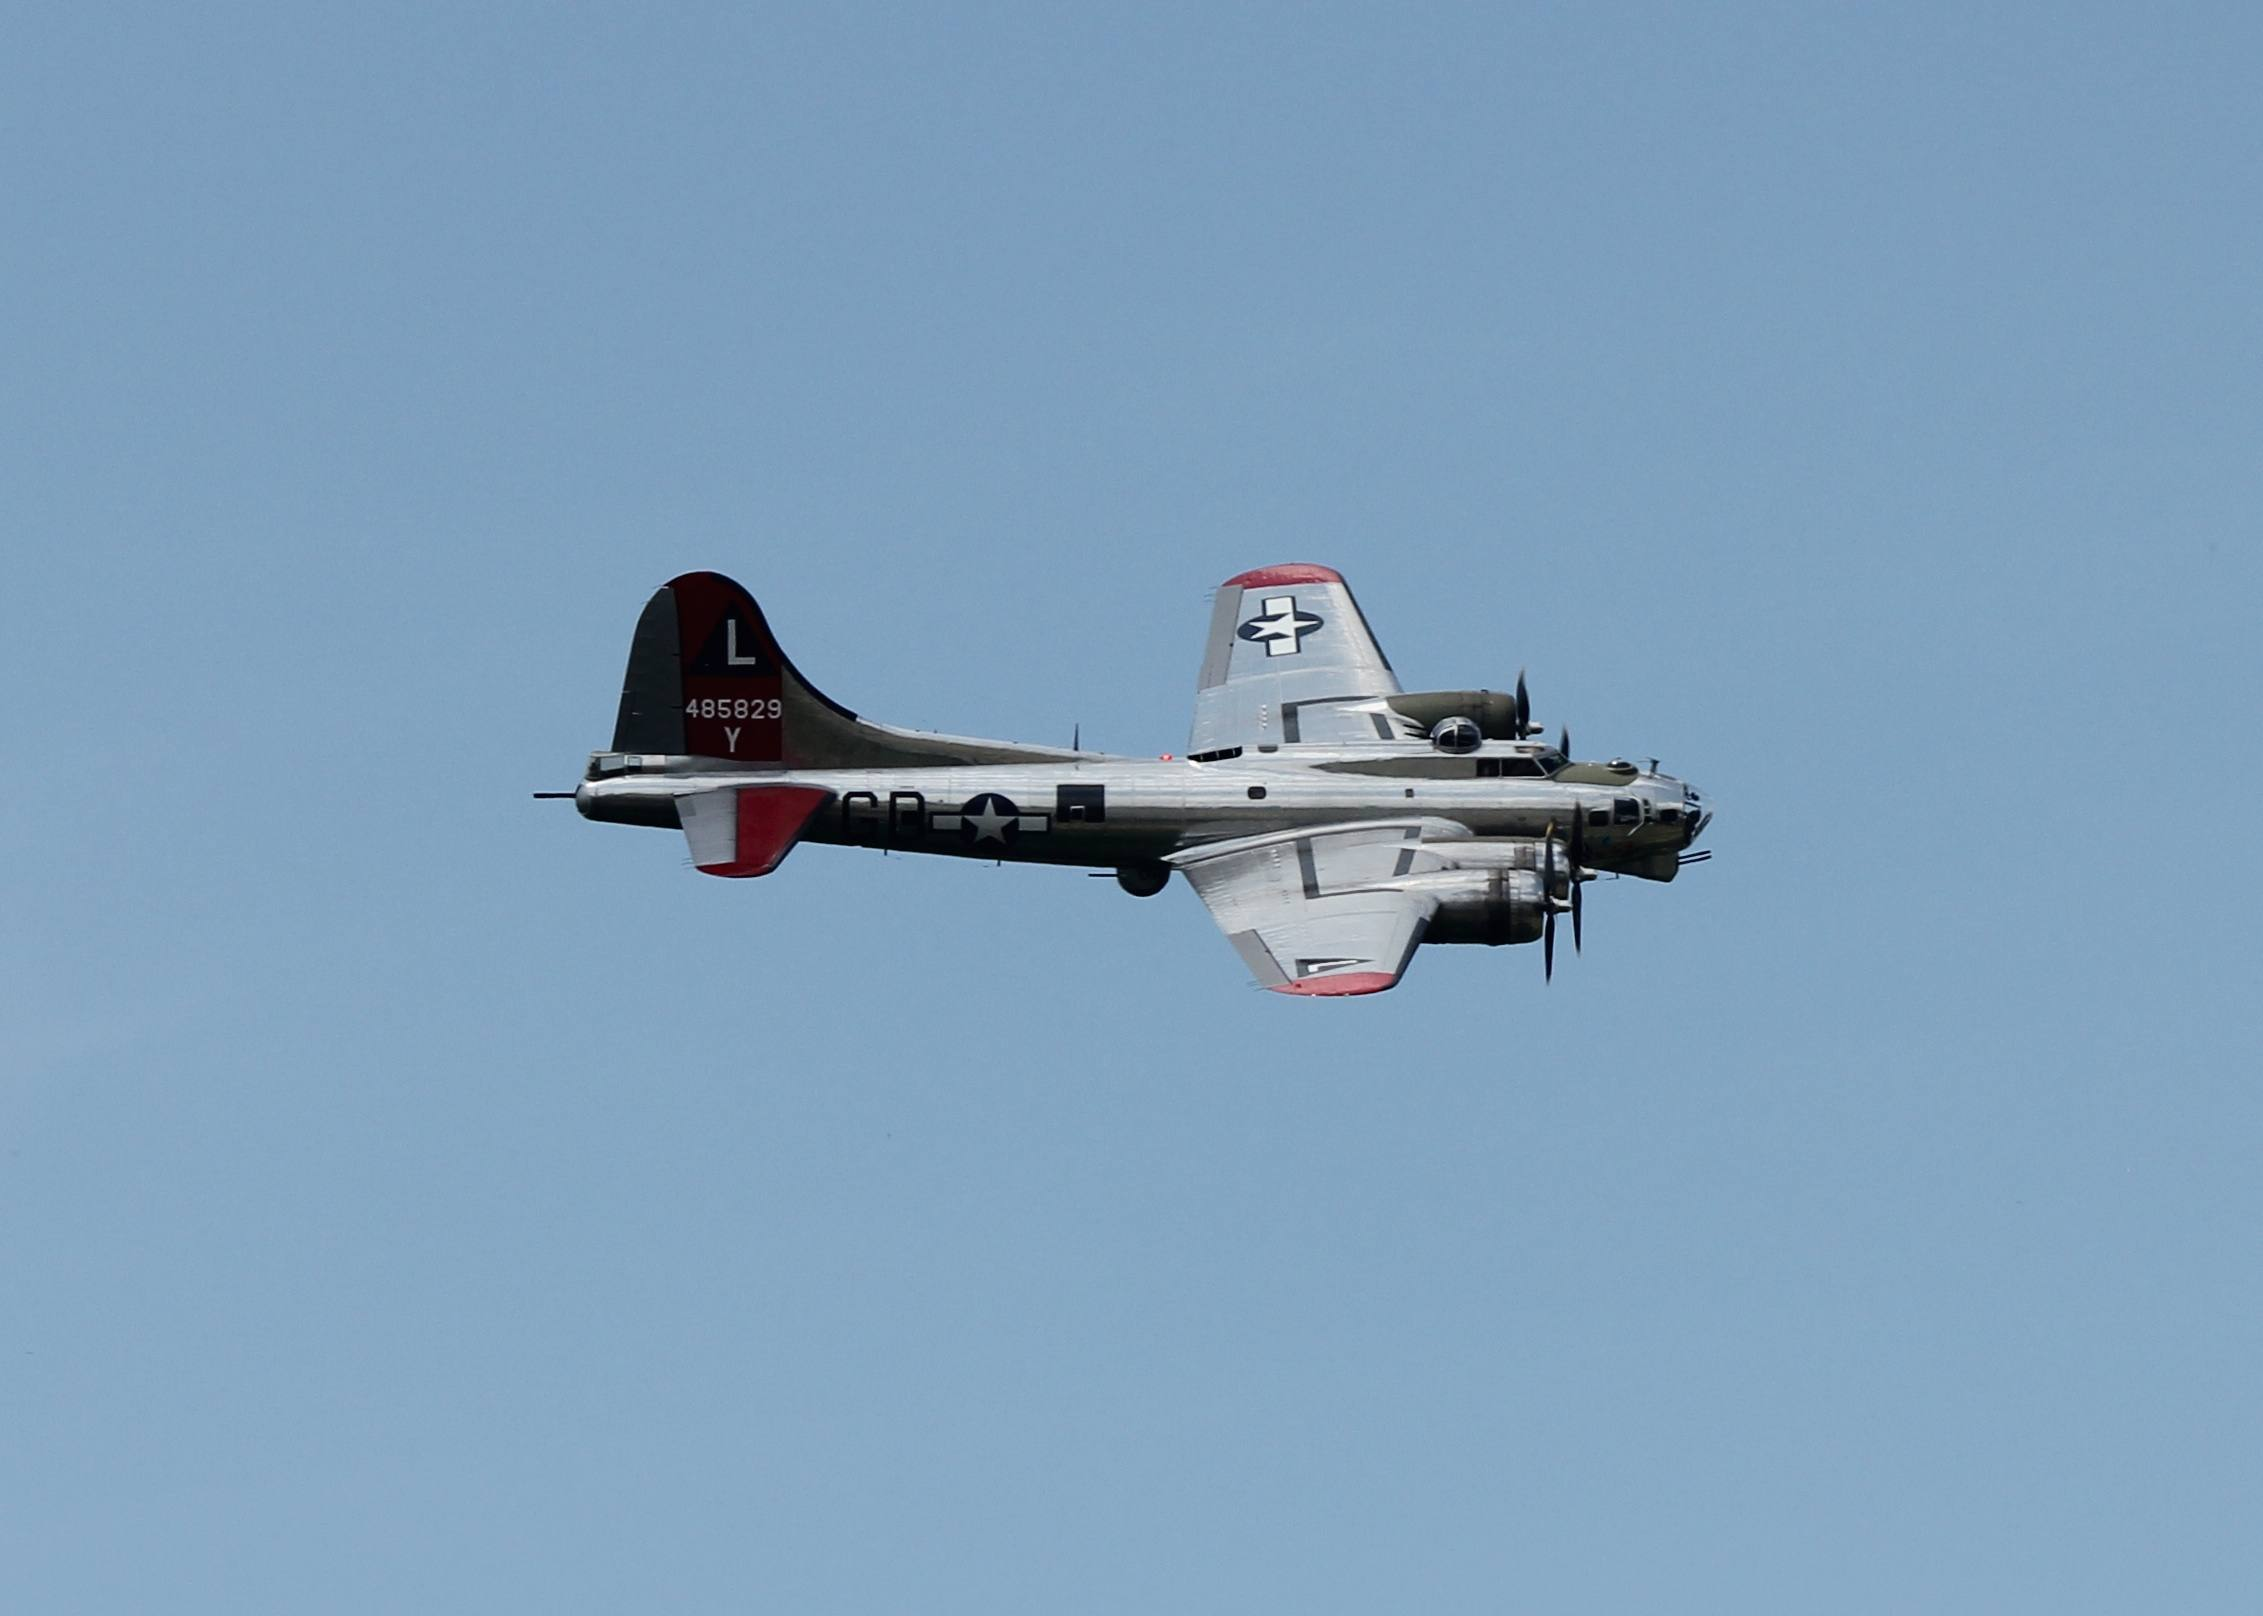 B-17 plane in flight